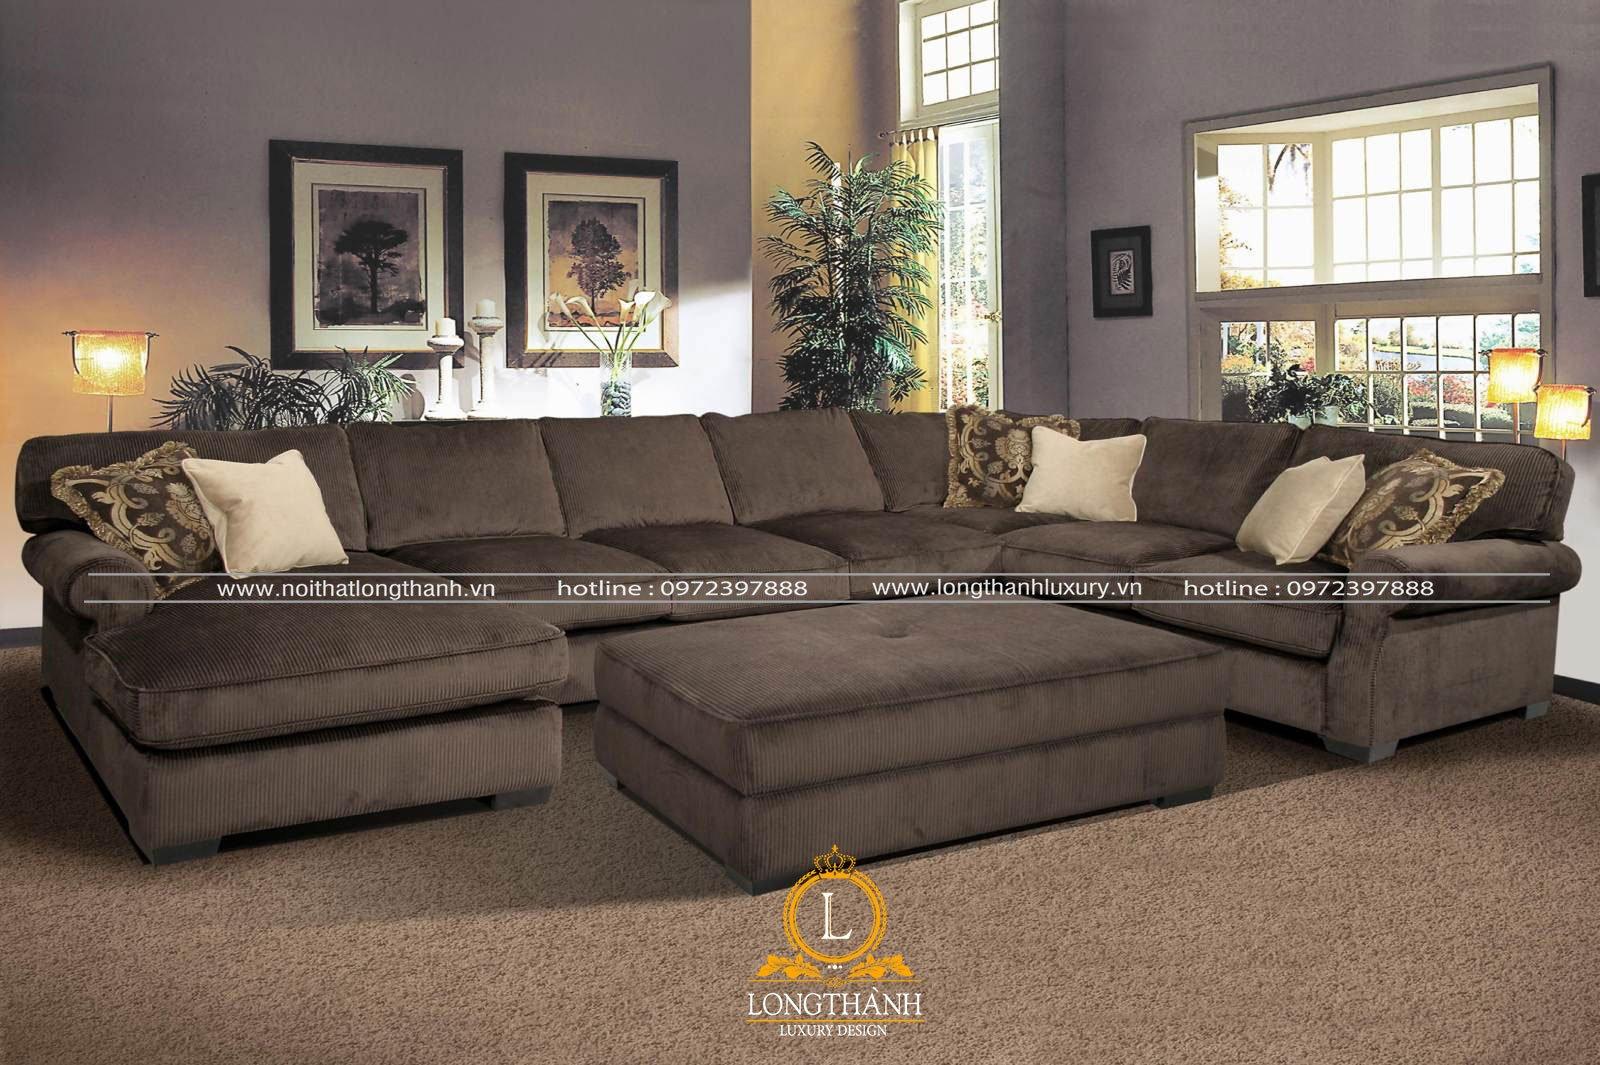 Sofa nhung màu xám cho không gian phòng khách nhà phố